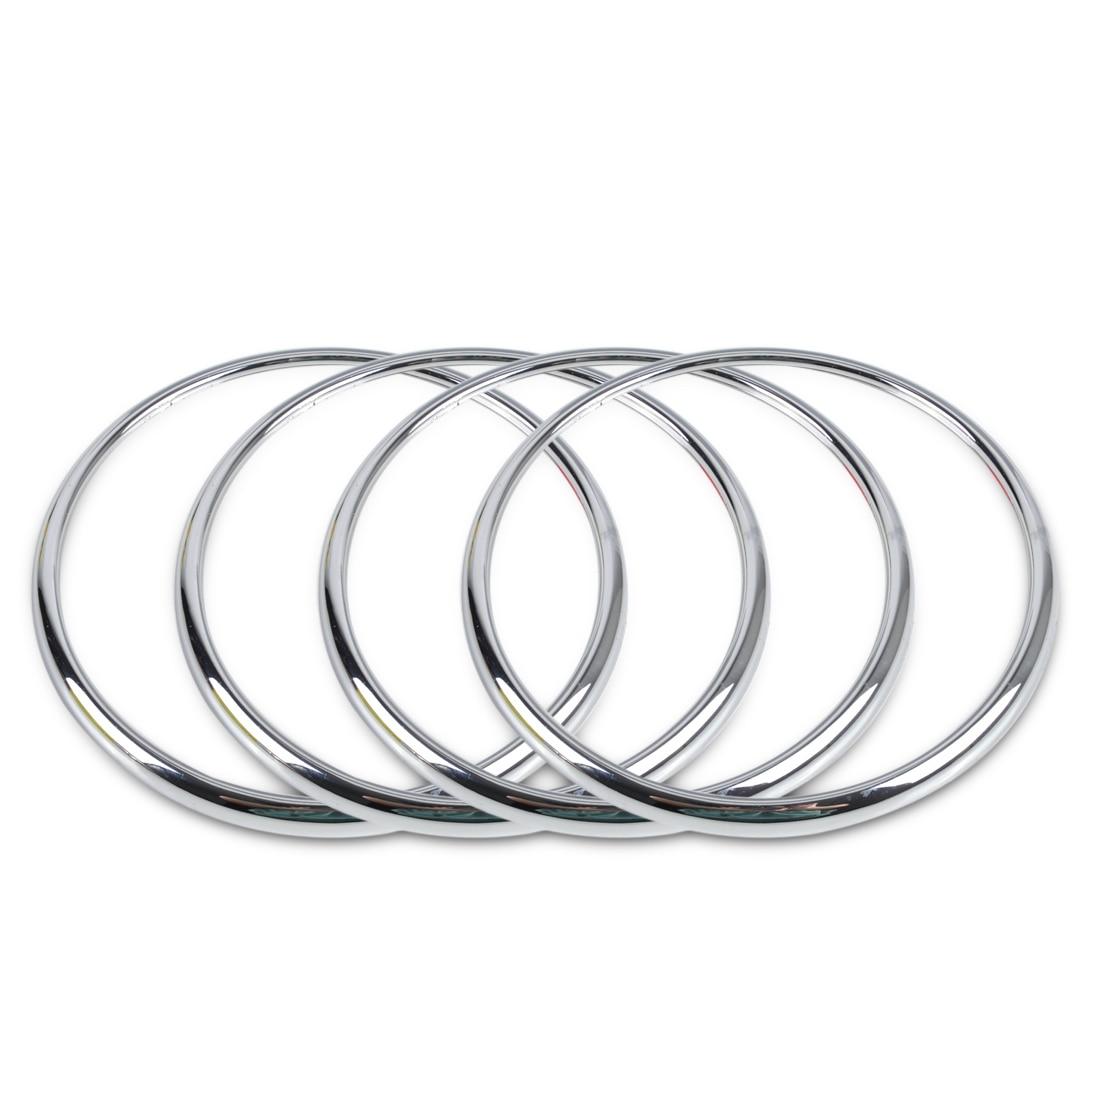 CITALL 4Pcs Car Chrome Audio Speaker Stereo Decorative Ring Cover Loop For Chevrolet Holden Cruze 2009 2010 2011 2012 2013 2014